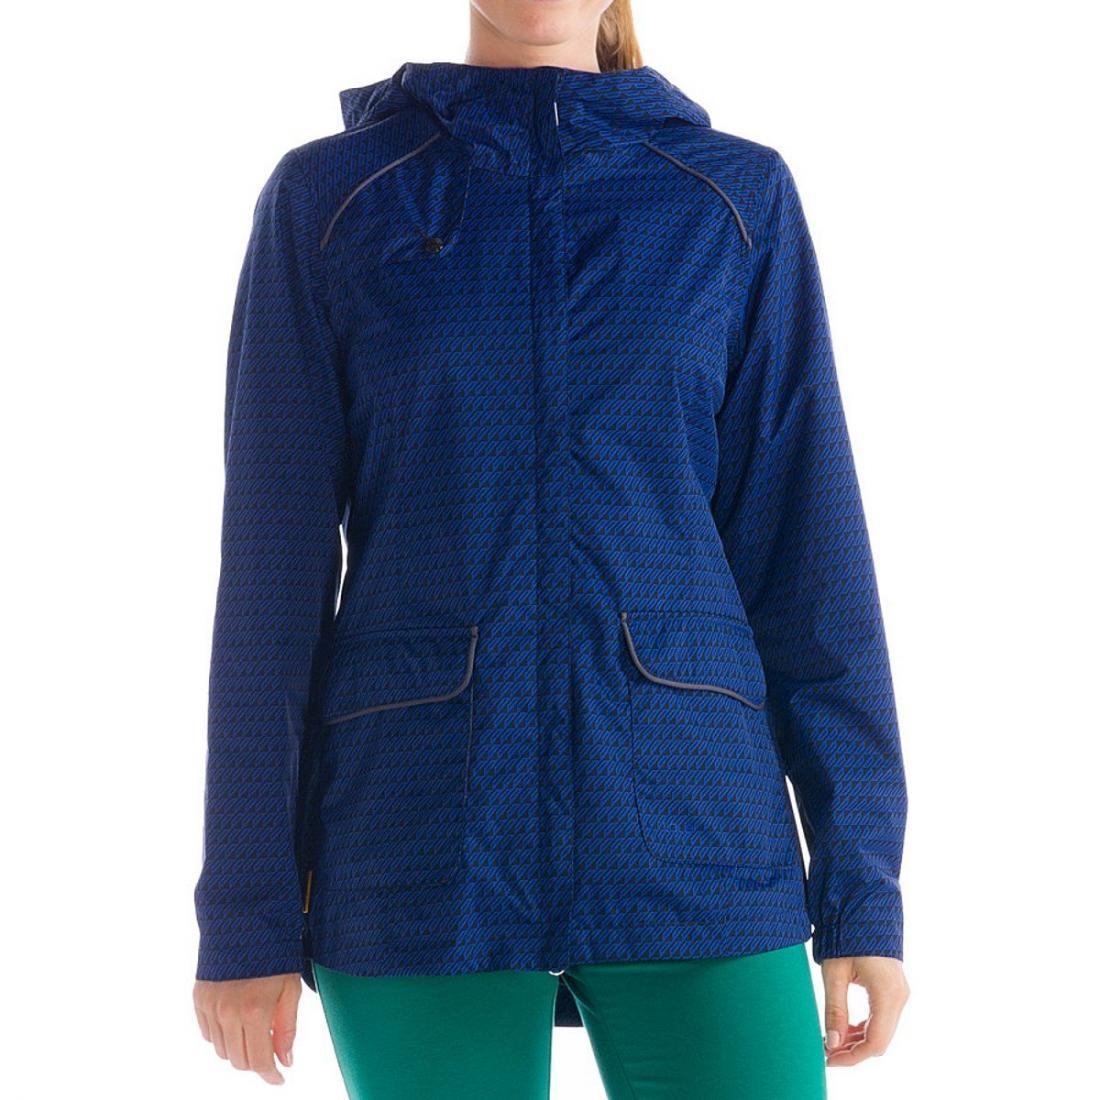 Куртка LUW0229 CAMDEN JACKETКуртки<br>CAMDEN JACKET – легкая женская куртка с капюшоном, которая может использоваться как ветровка, часть спортивной экипировки  или в качестве повсед...<br><br>Цвет: Темно-синий<br>Размер: M